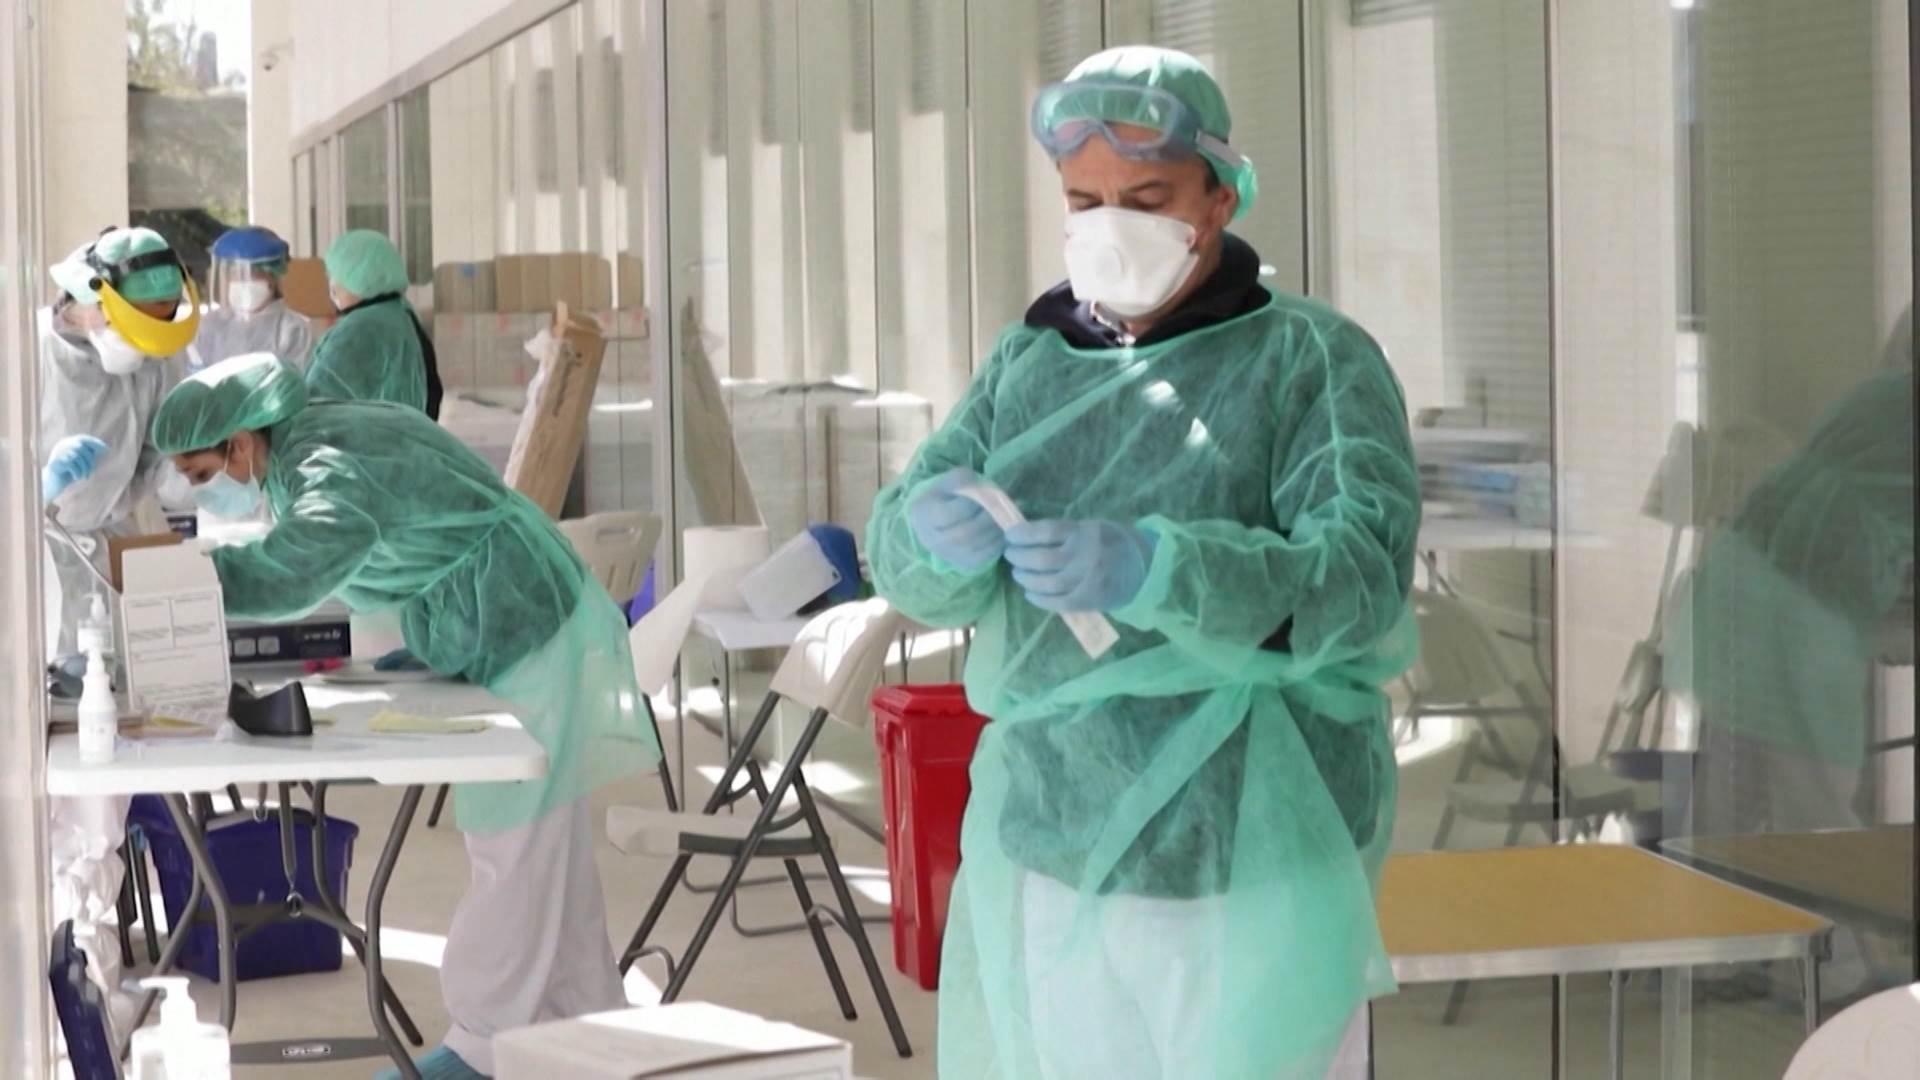 Photo of KORONA HARA SRBIJOM: Brojke novozaraženih drastično skaču